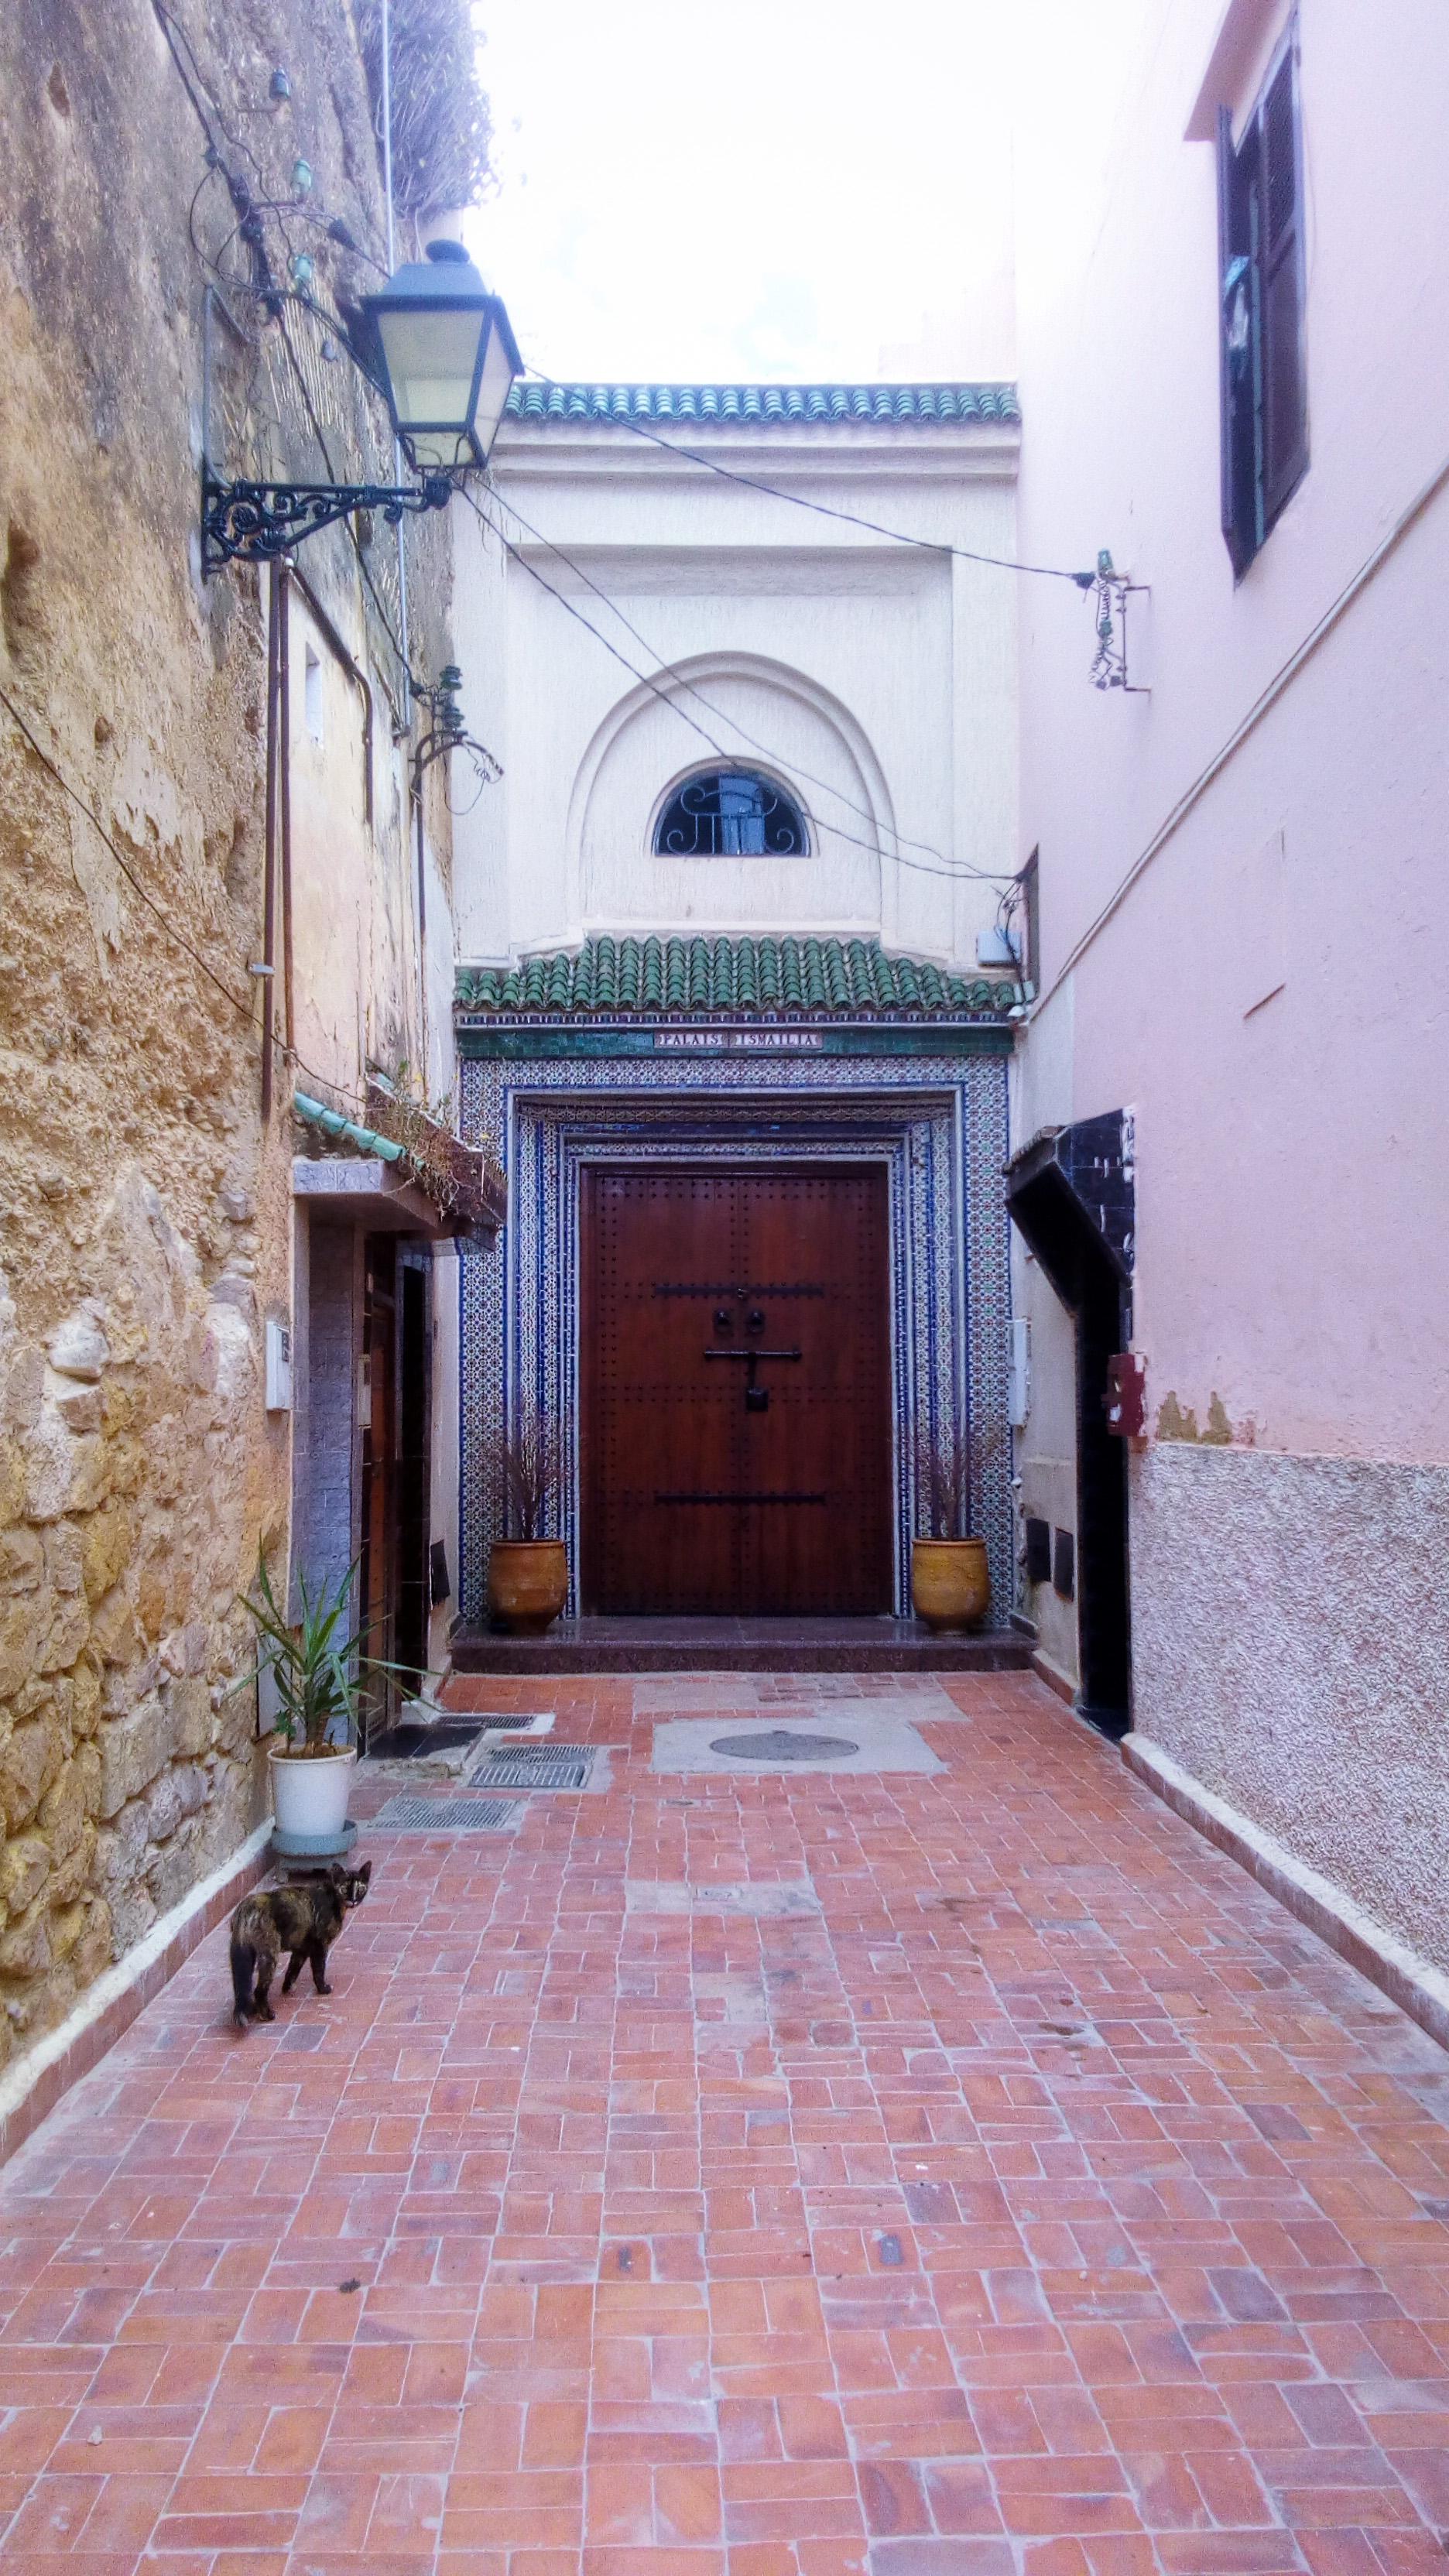 Image d'une porte dans une ruelle de Meknès au Maroc